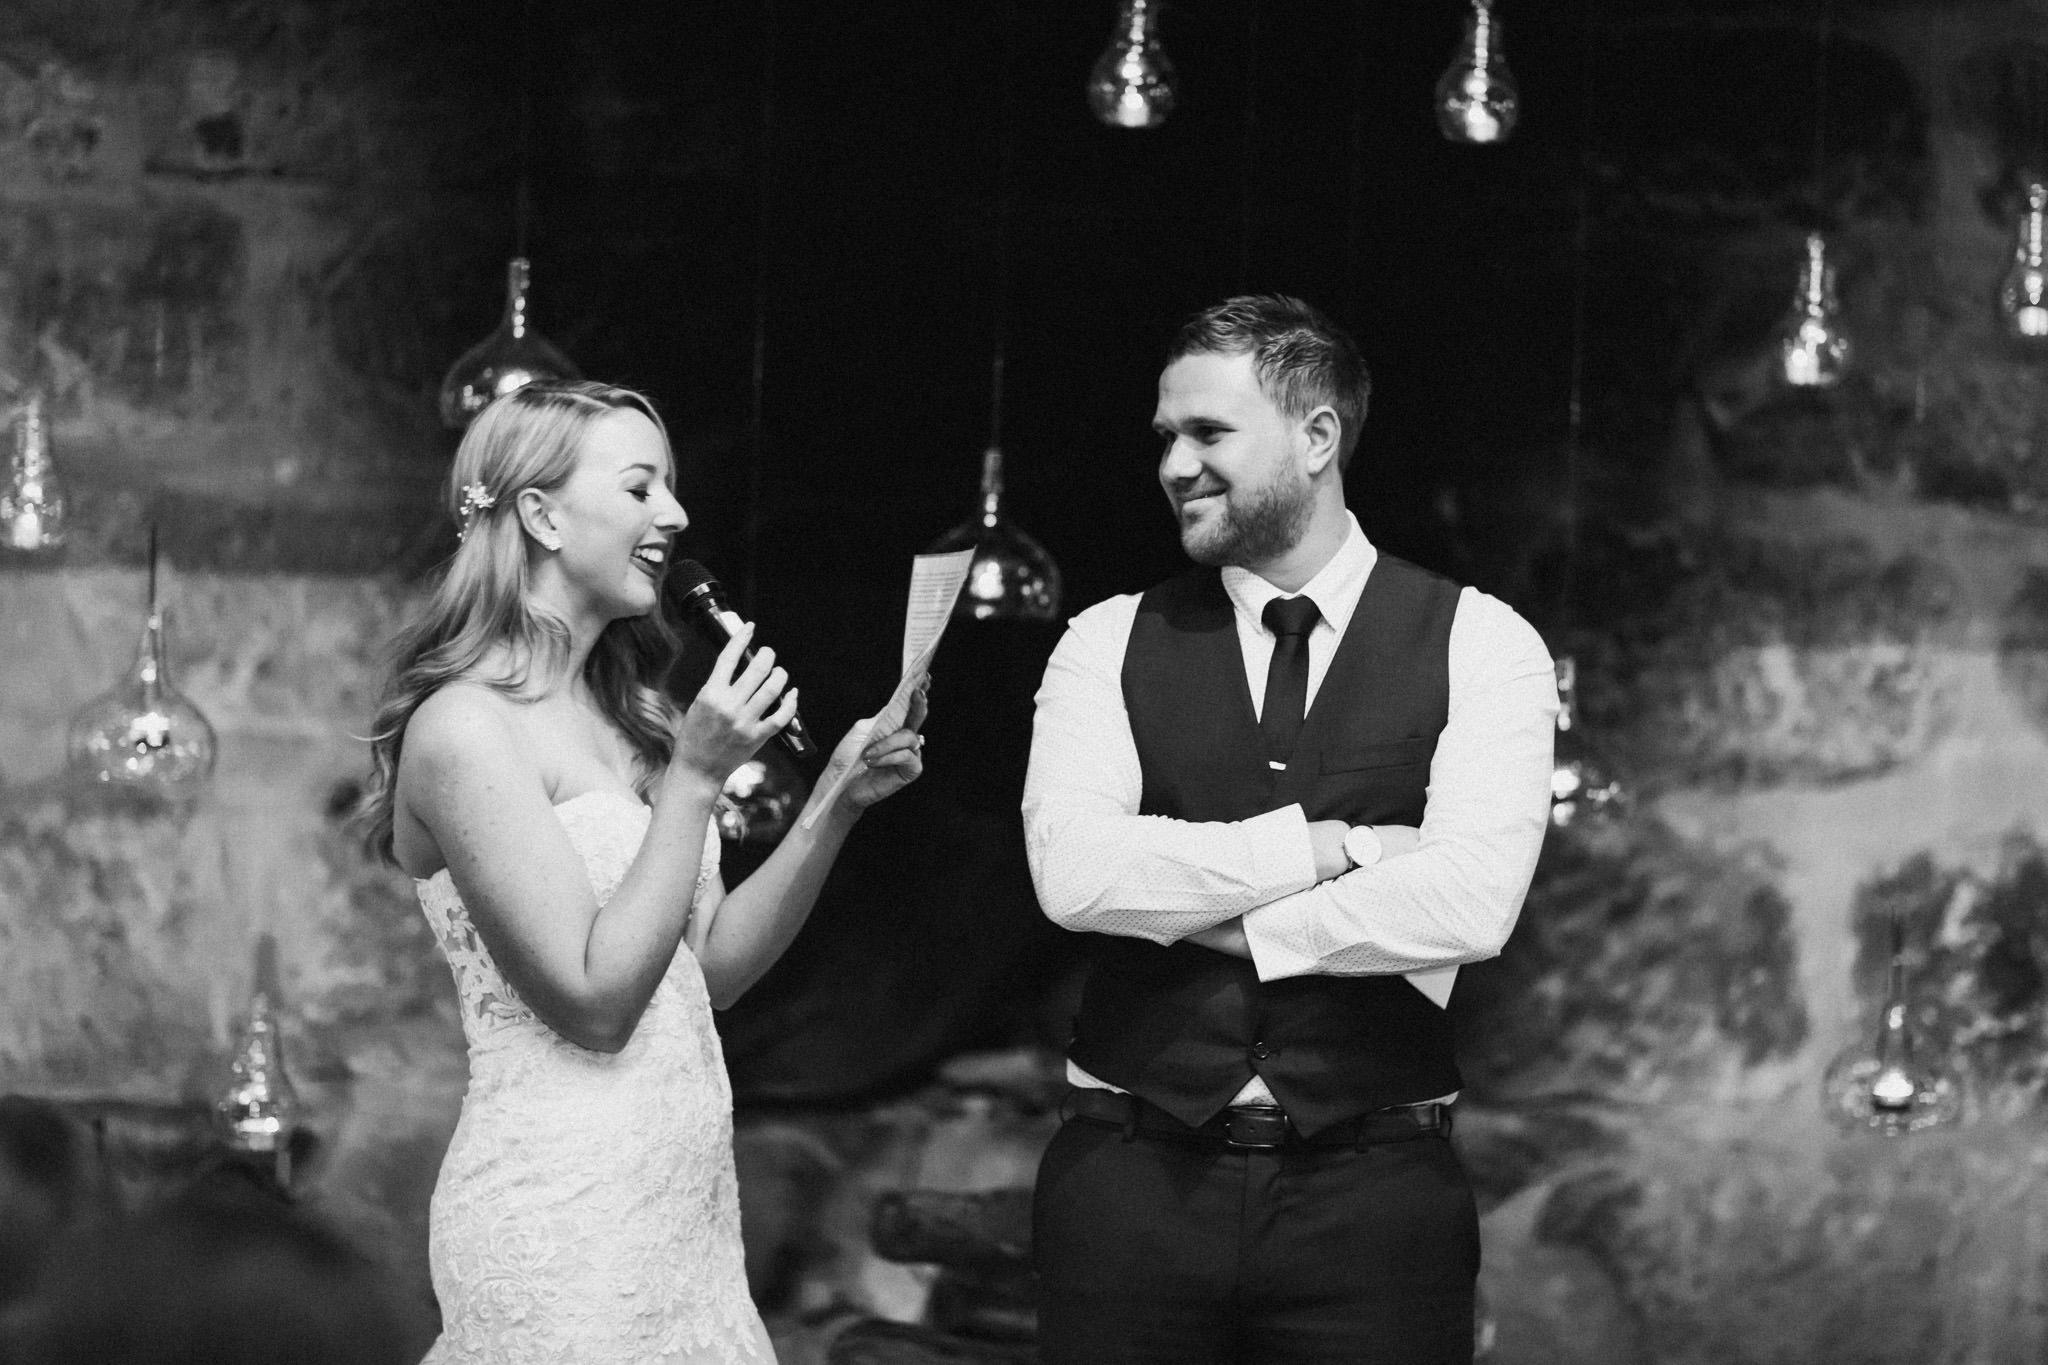 WeddingPhotos_Facebook_2048pixels-1136.jpg